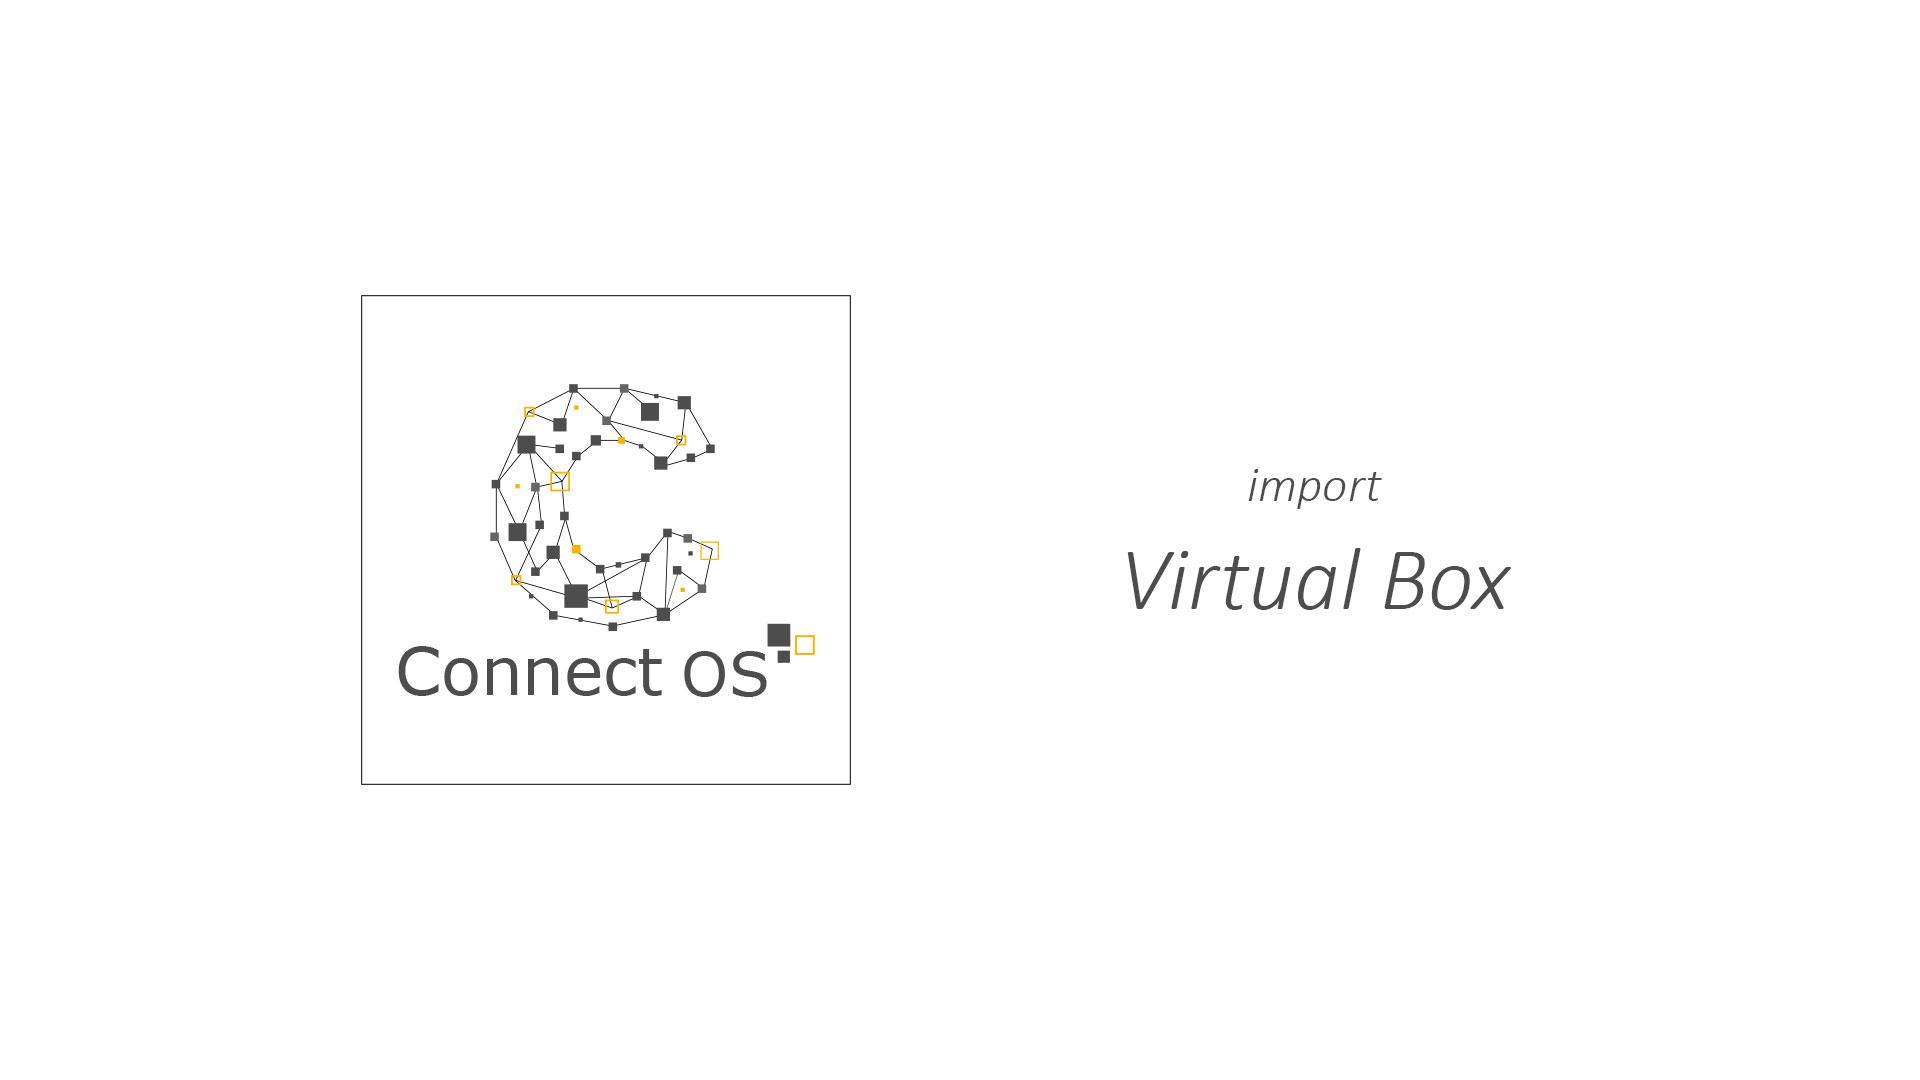 VirtualBox ConnectOS